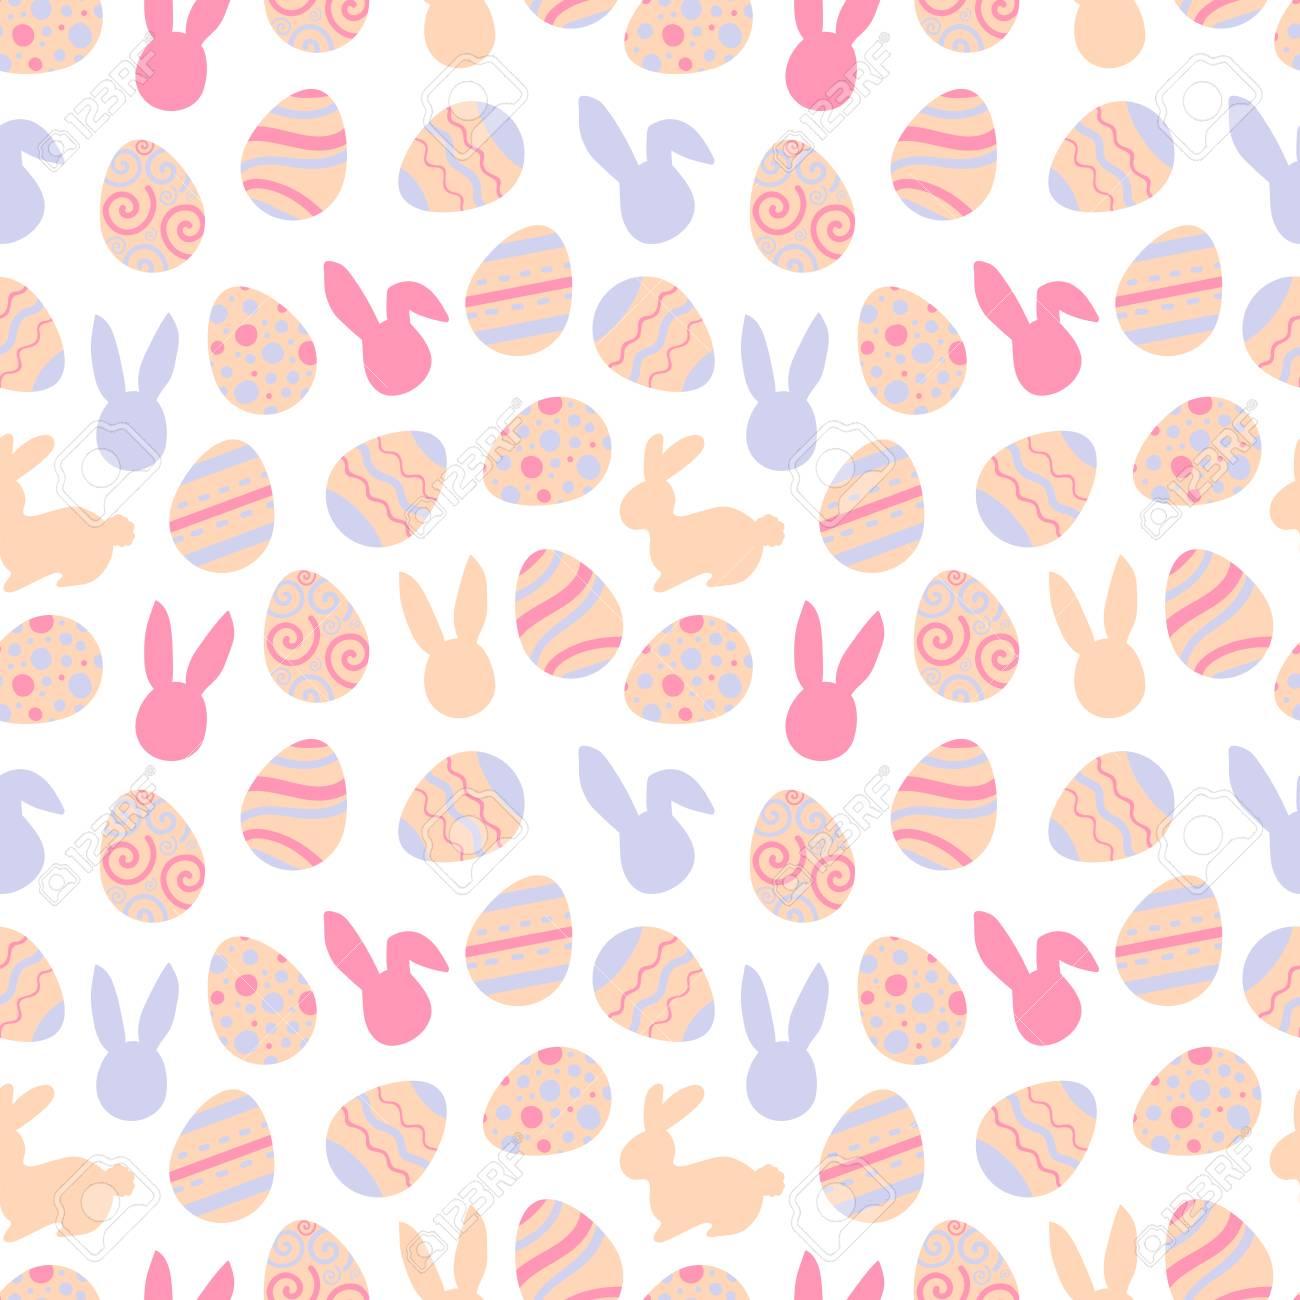 Pink pattern of easter bunny. Egg hunt illustration for flyer, design, scrapbooking, poster, banner, web element - 97906810